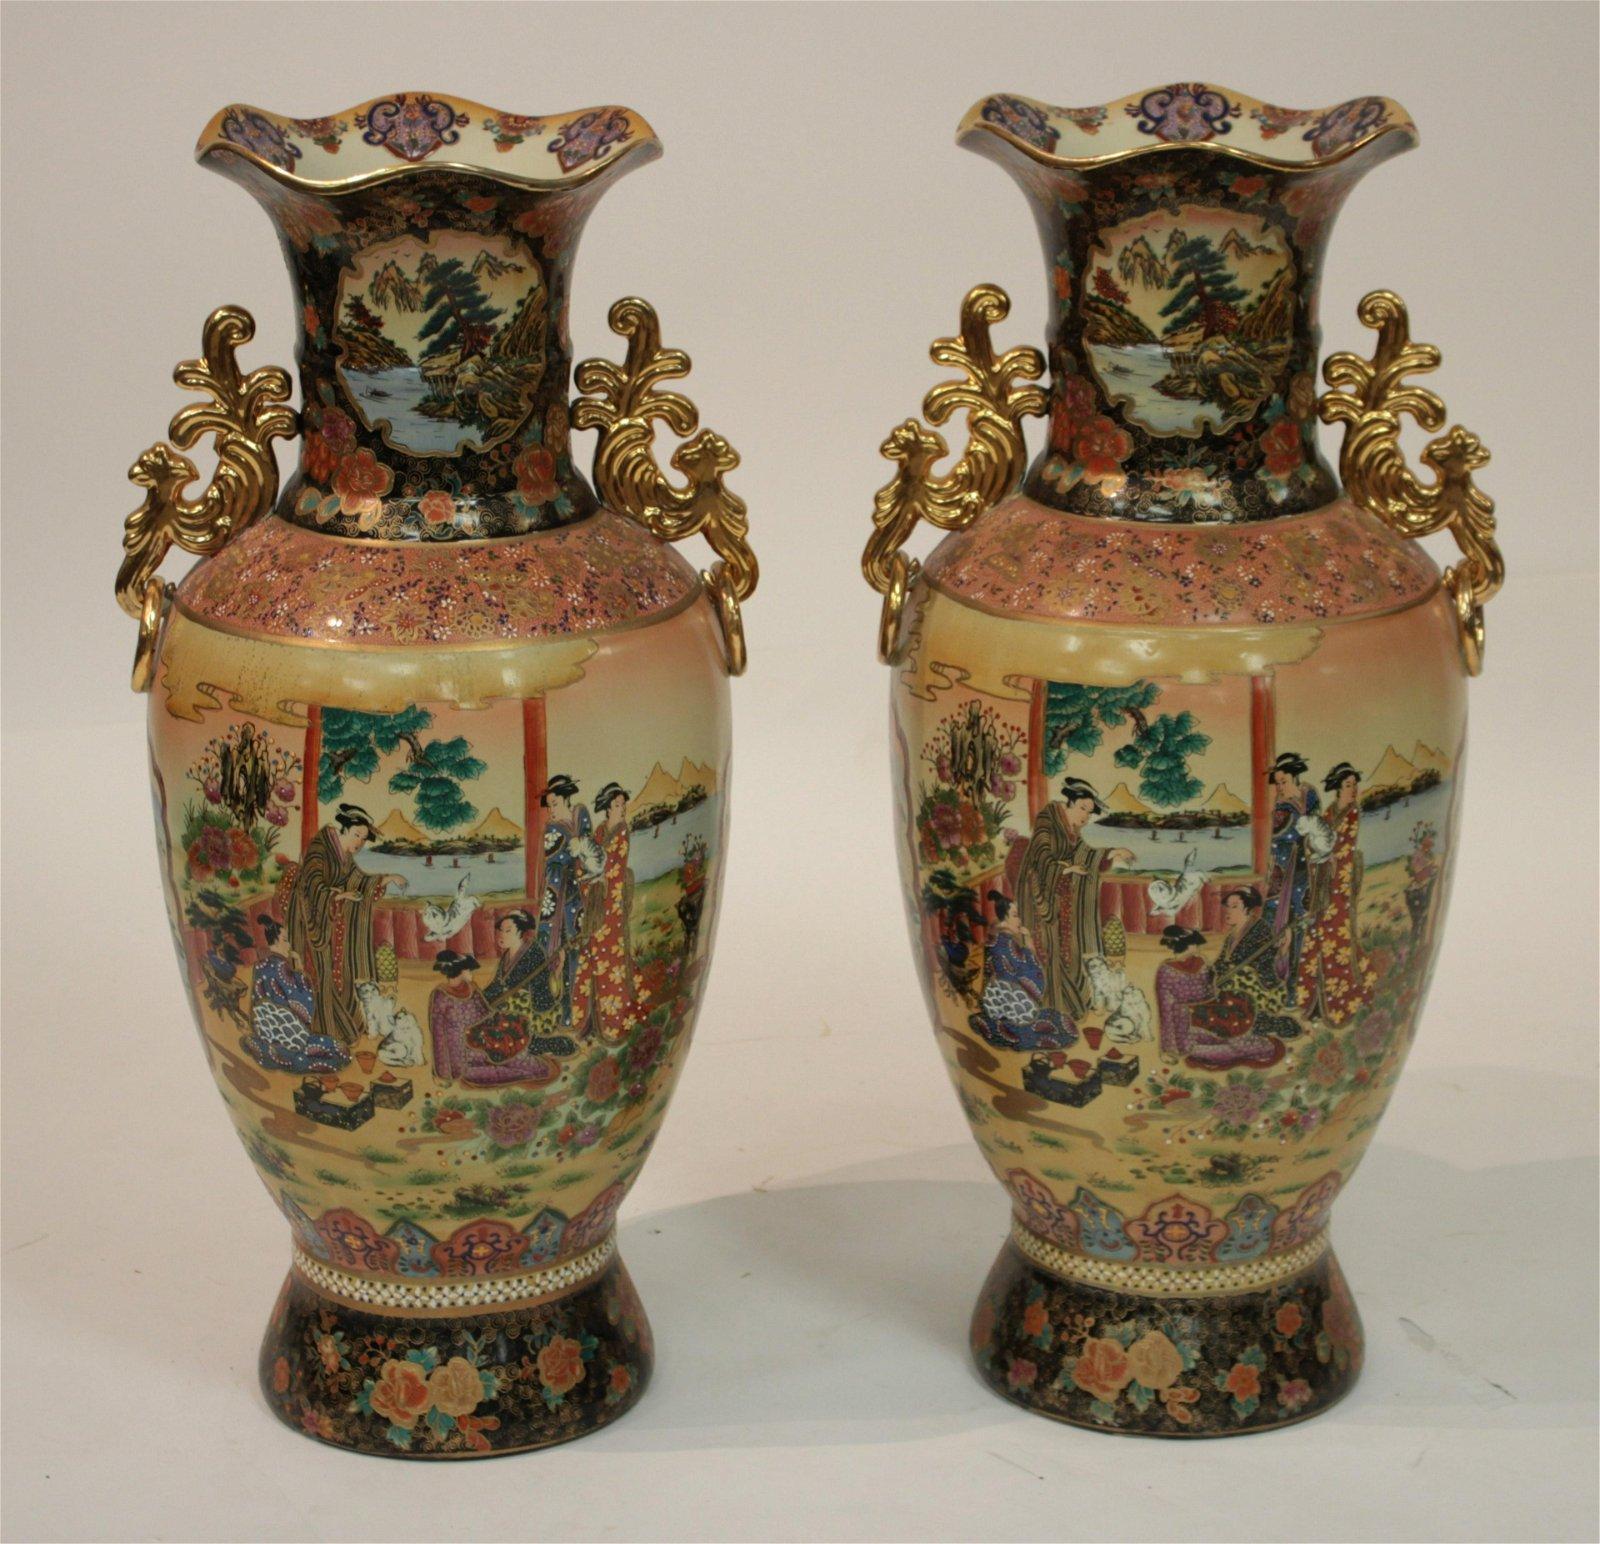 Pr of Satsuma Inspired Tall Porcelain Vases